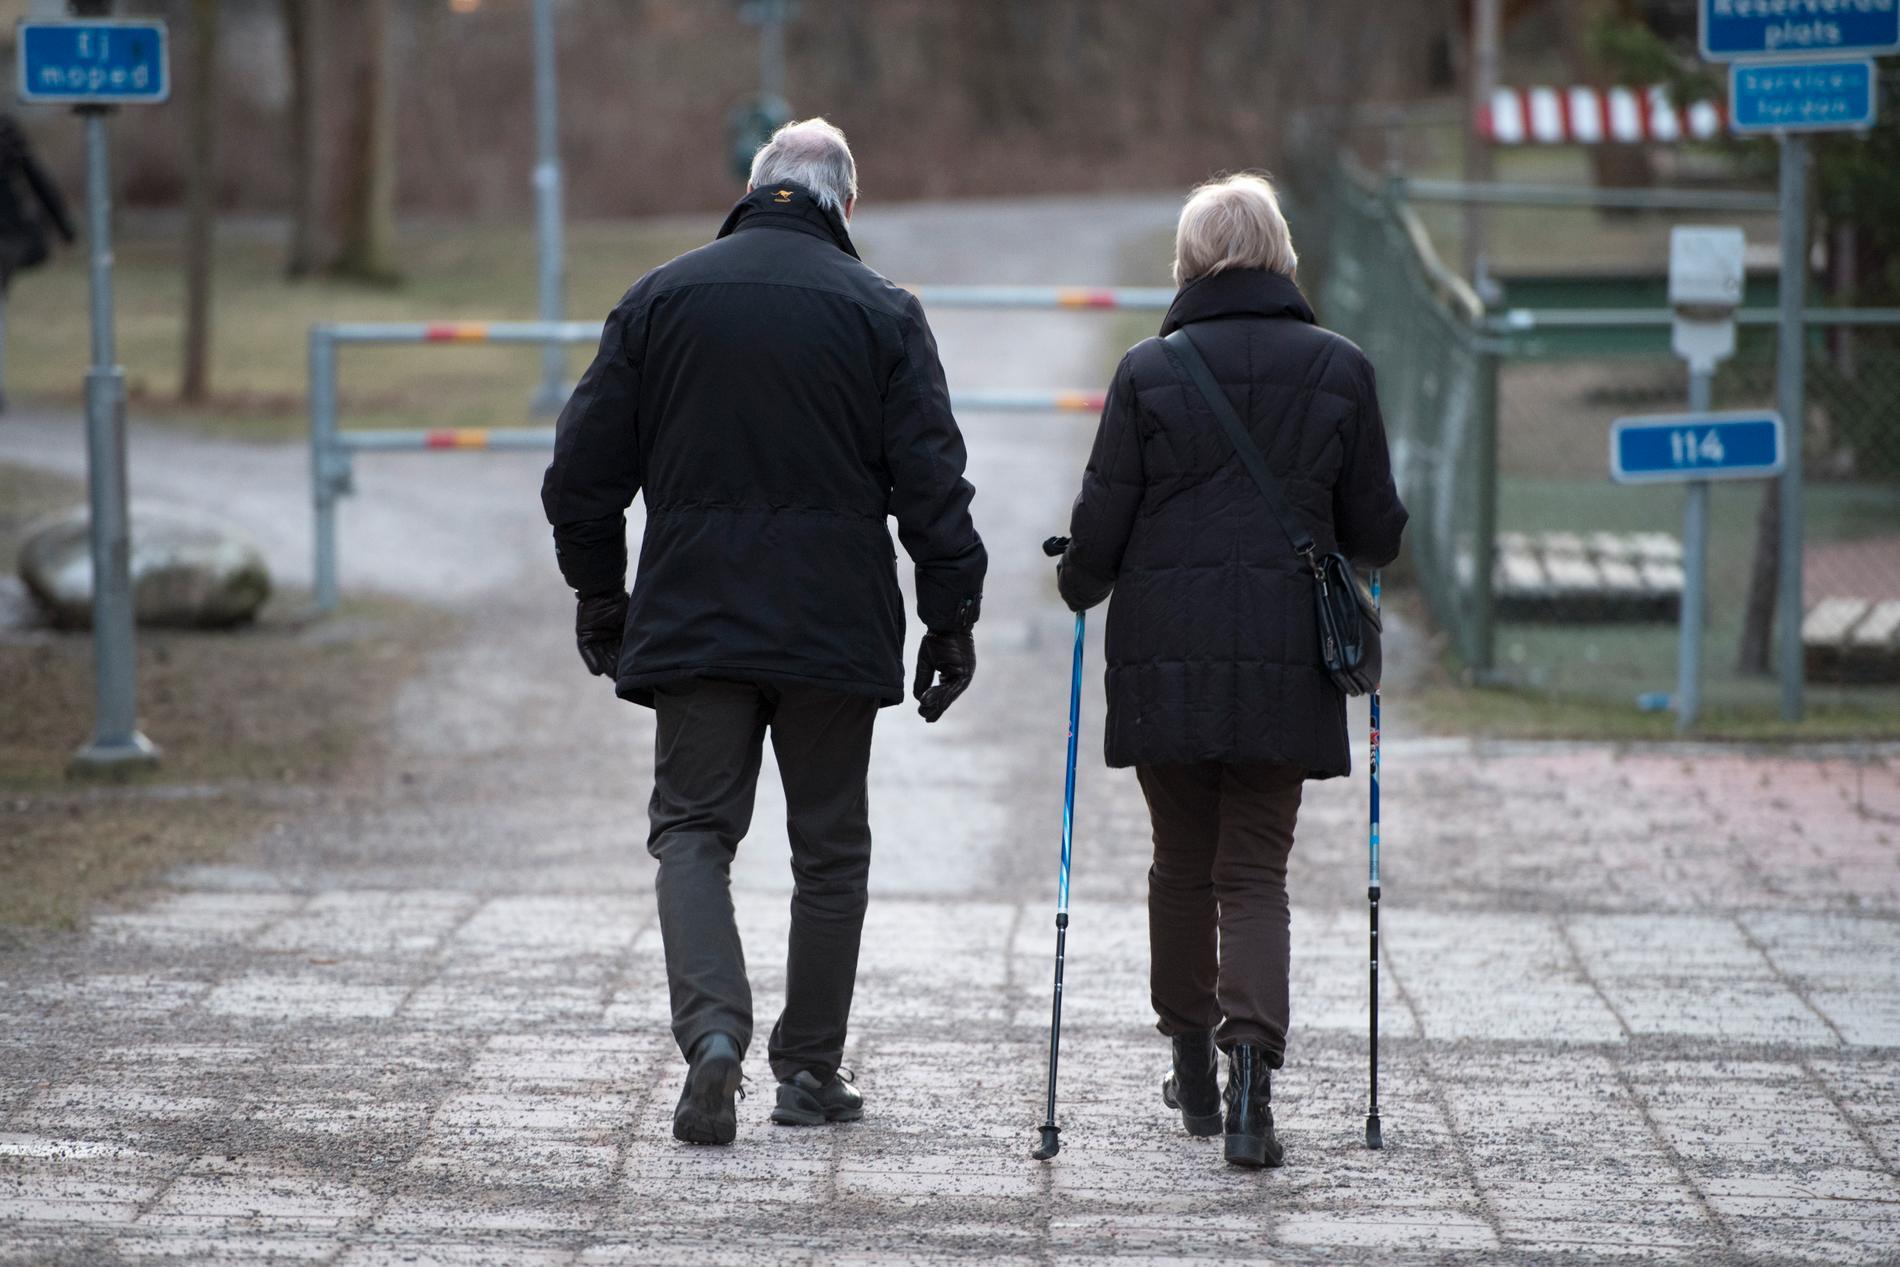 Promenader minskar risken att drabbas av hjärtinfarkt avsevärt, visar en ny studie. Arkivbild.